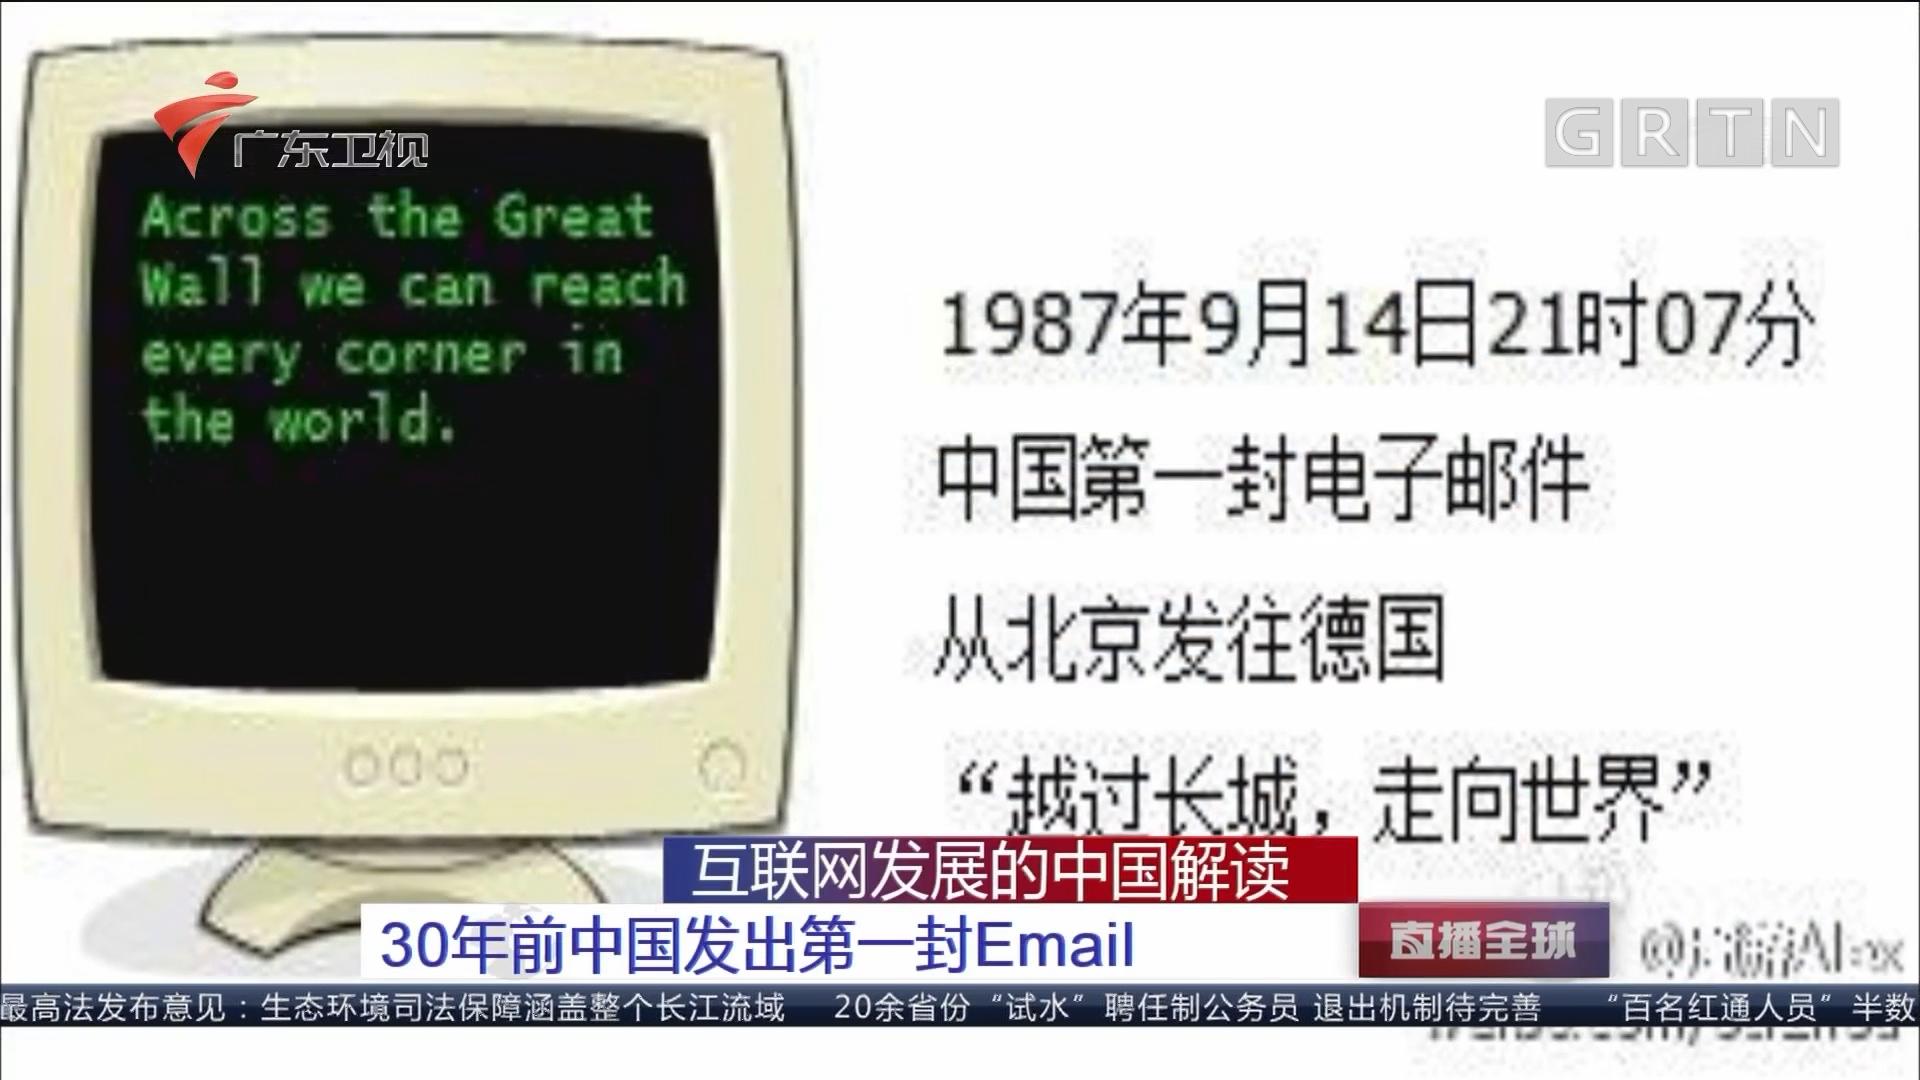 互联网发展的中国解读:30年前中国发出第一封Email